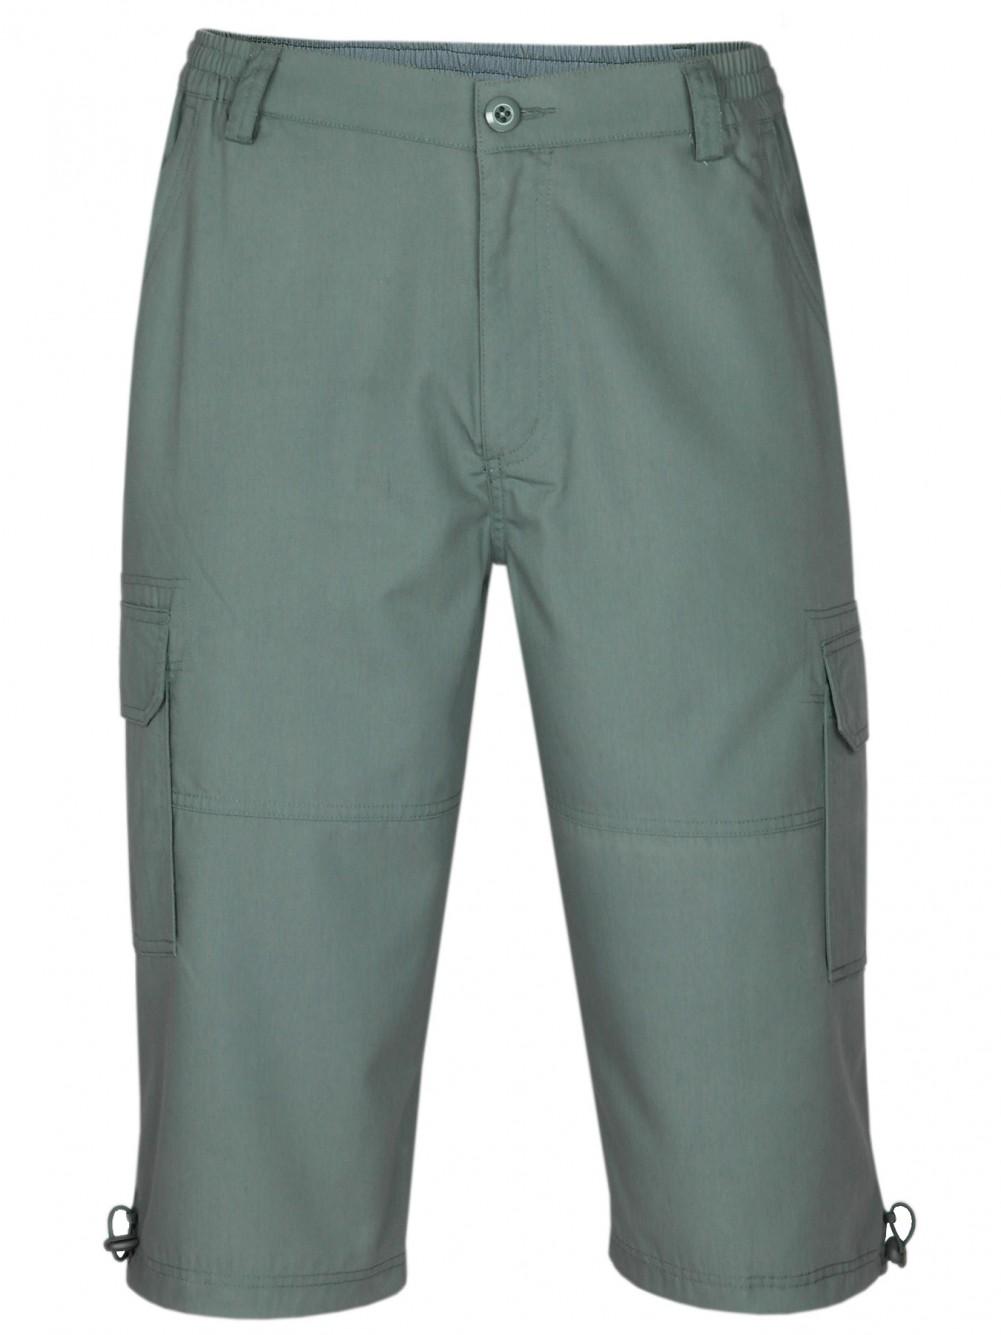 Cargo-Bermudas, Cargo Shorts, kurze Hose für Herren - Okiv